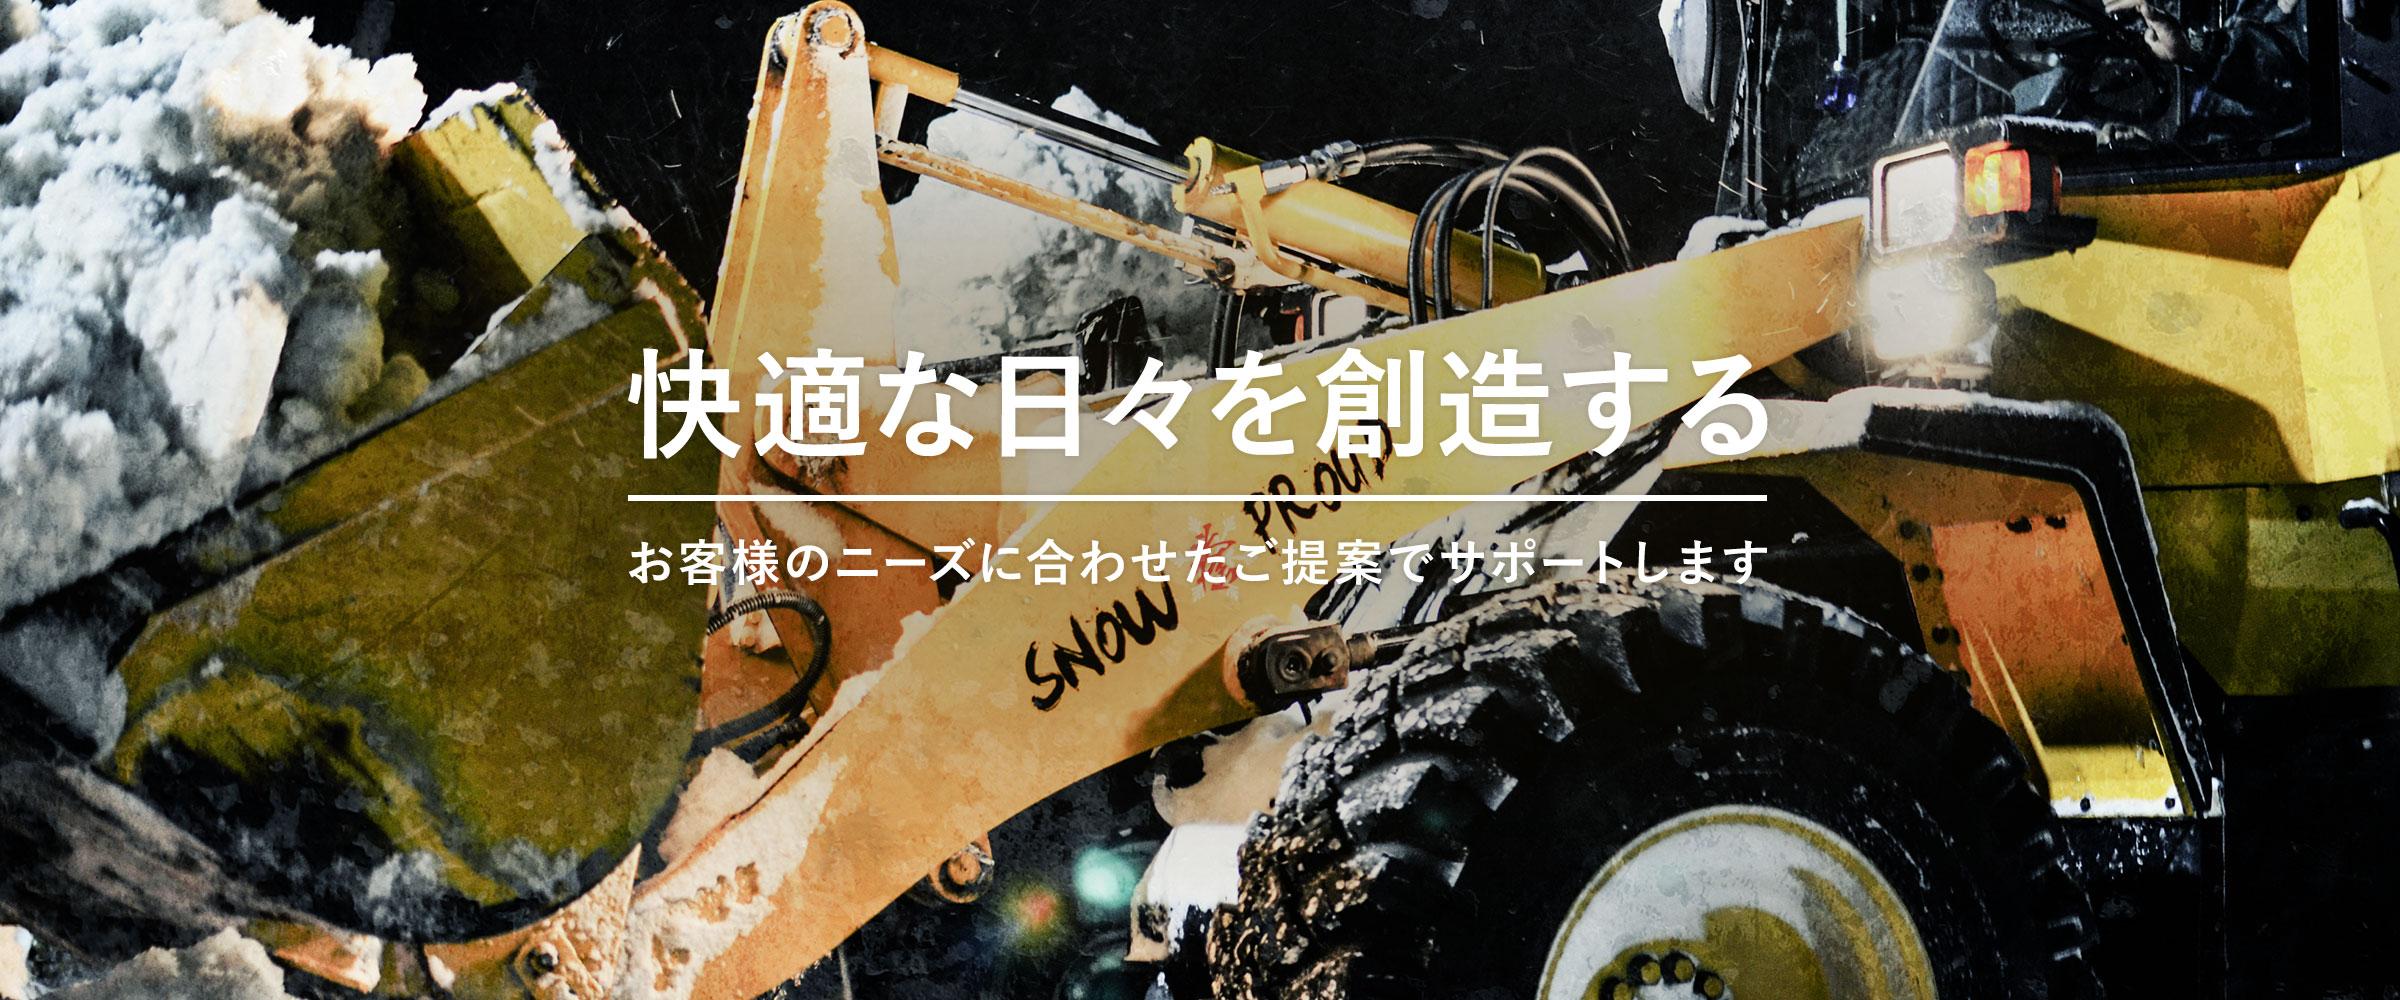 snow proud 除排雪業務